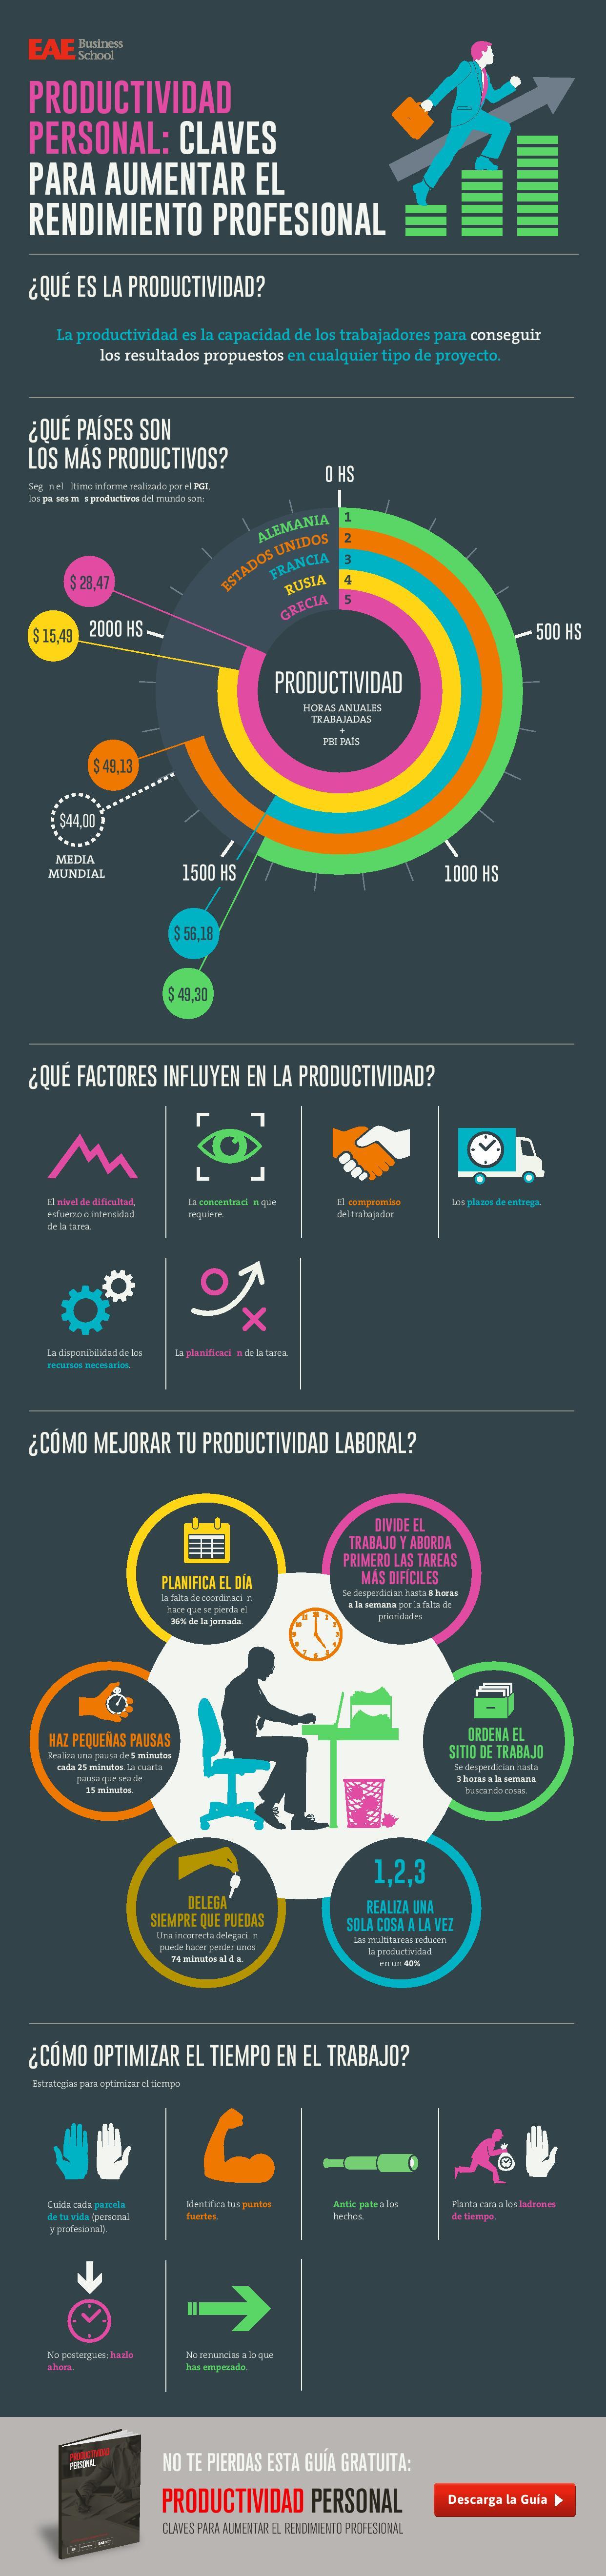 infografía productividad personal